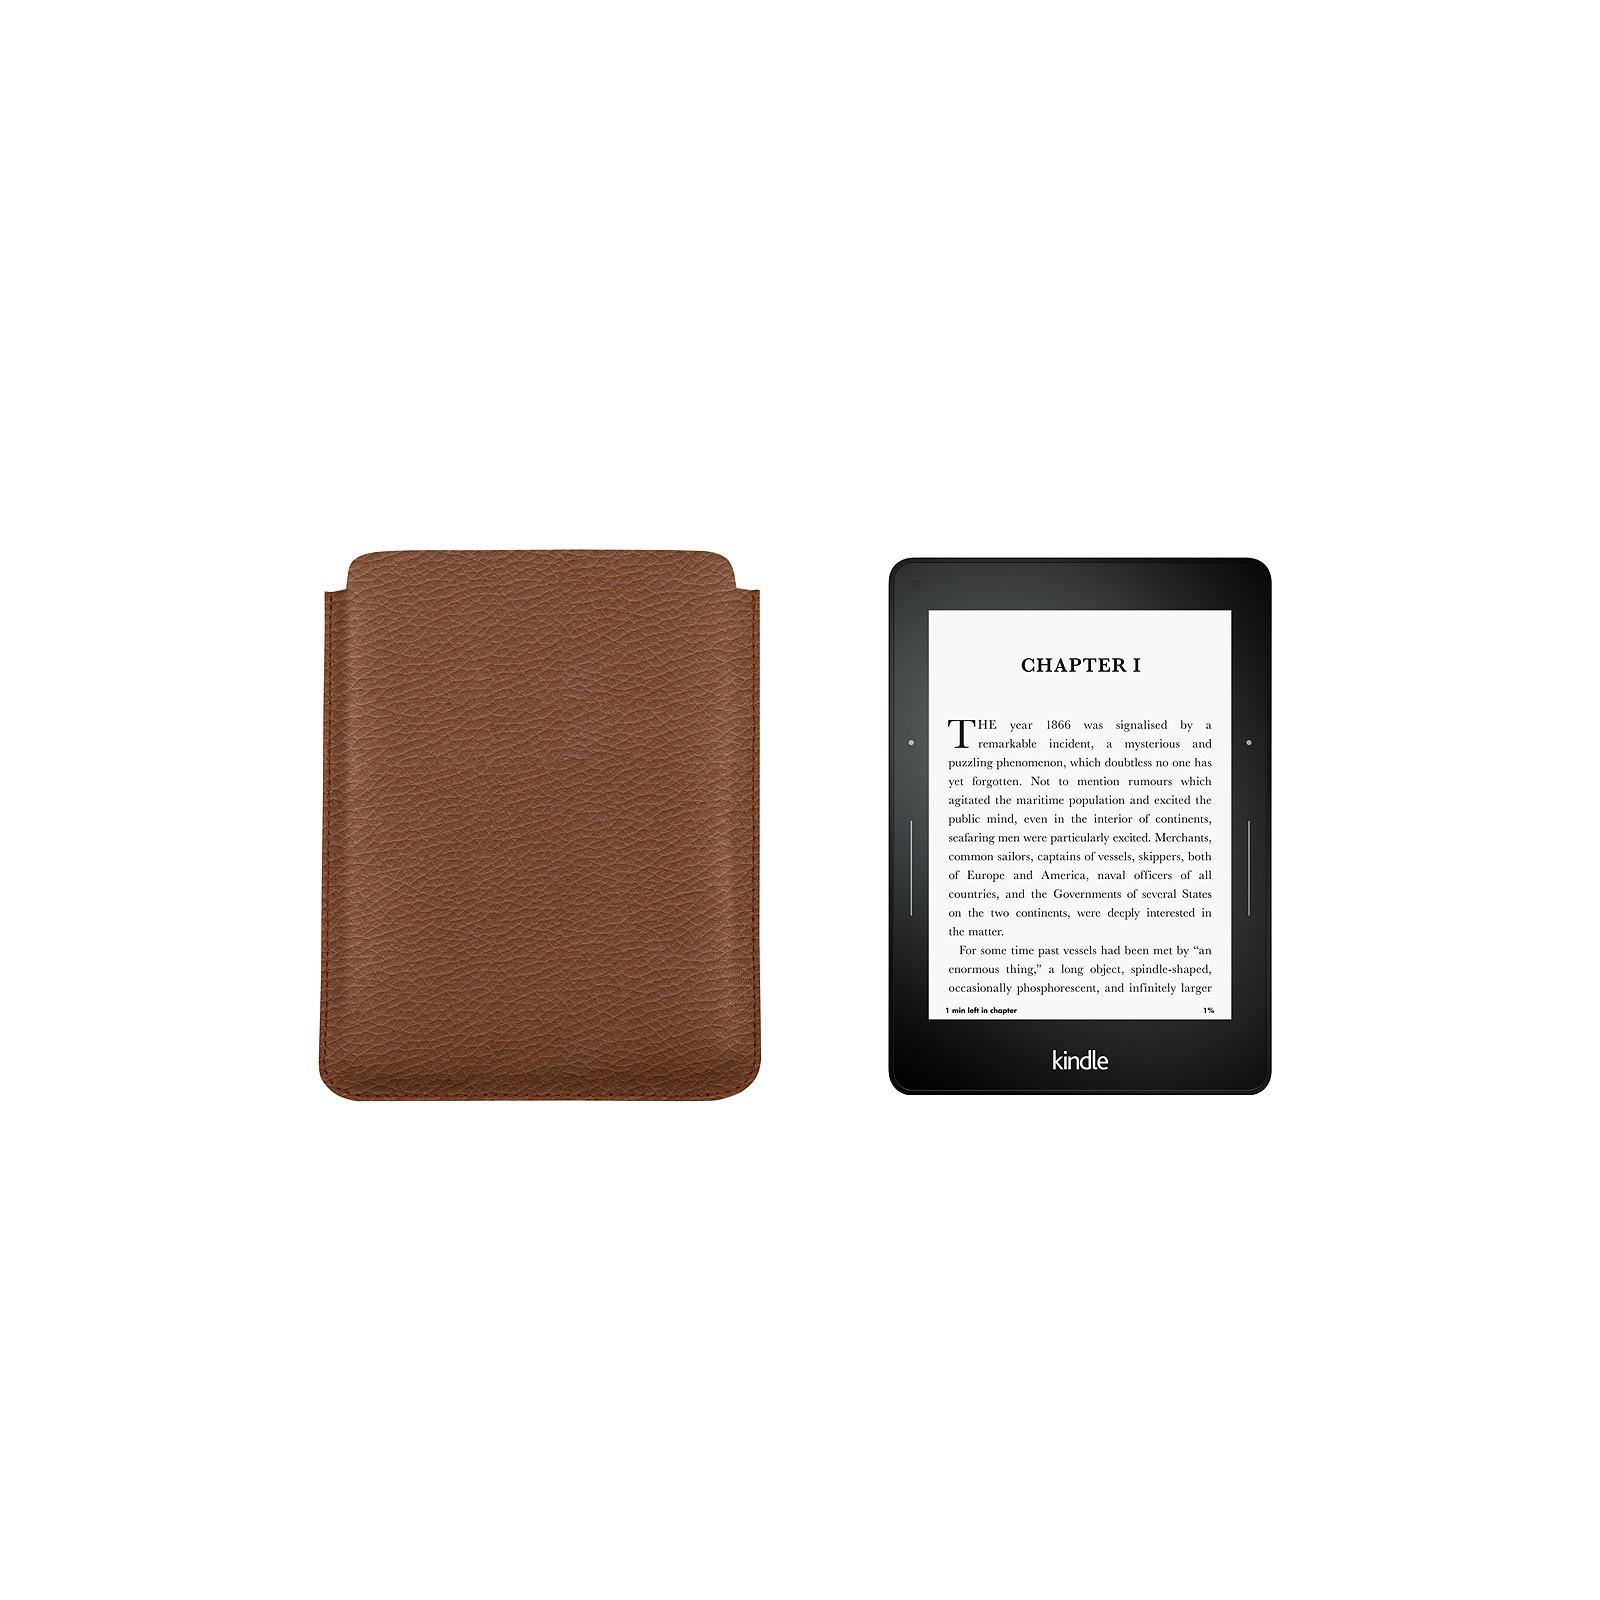 9b589625136 Funda para Kindle Voyage Coñac - Piel Grano Funda para Kindle Voyage Coñac  - Piel Grano 